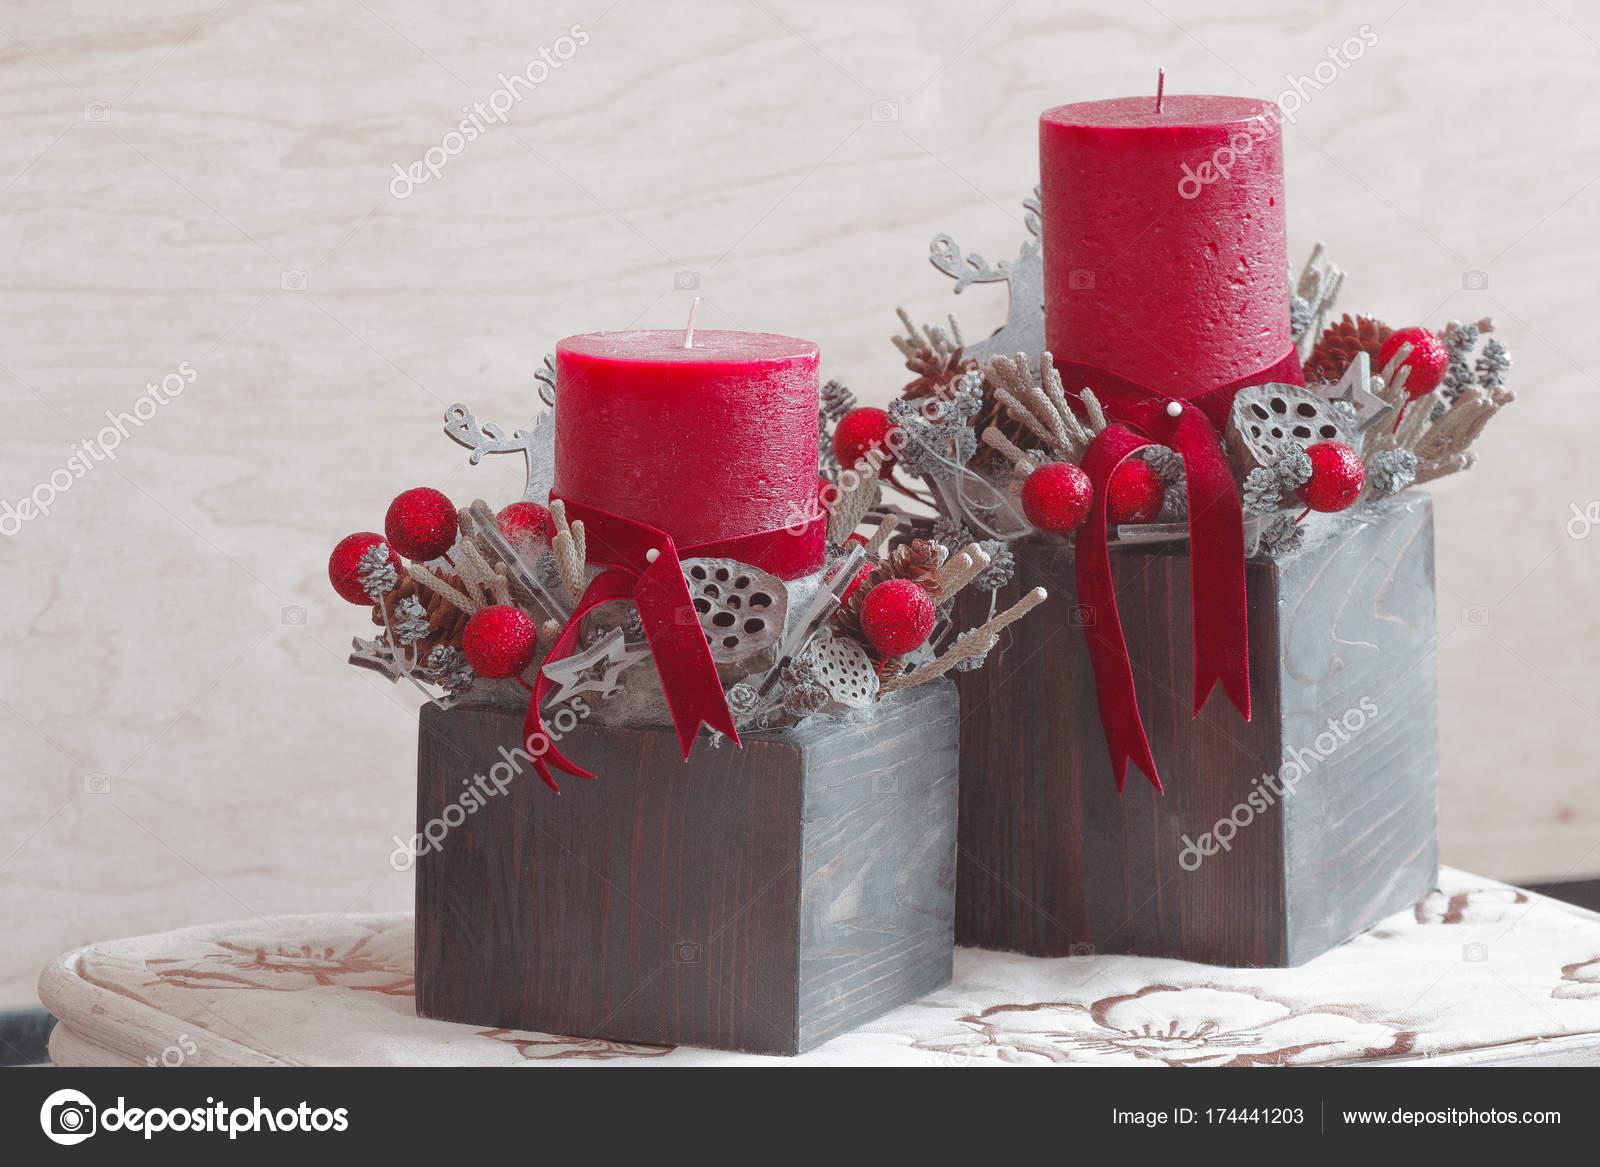 Decorare Candele Di Natale : Due decorazioni floreali di natale con le candele rosse u foto